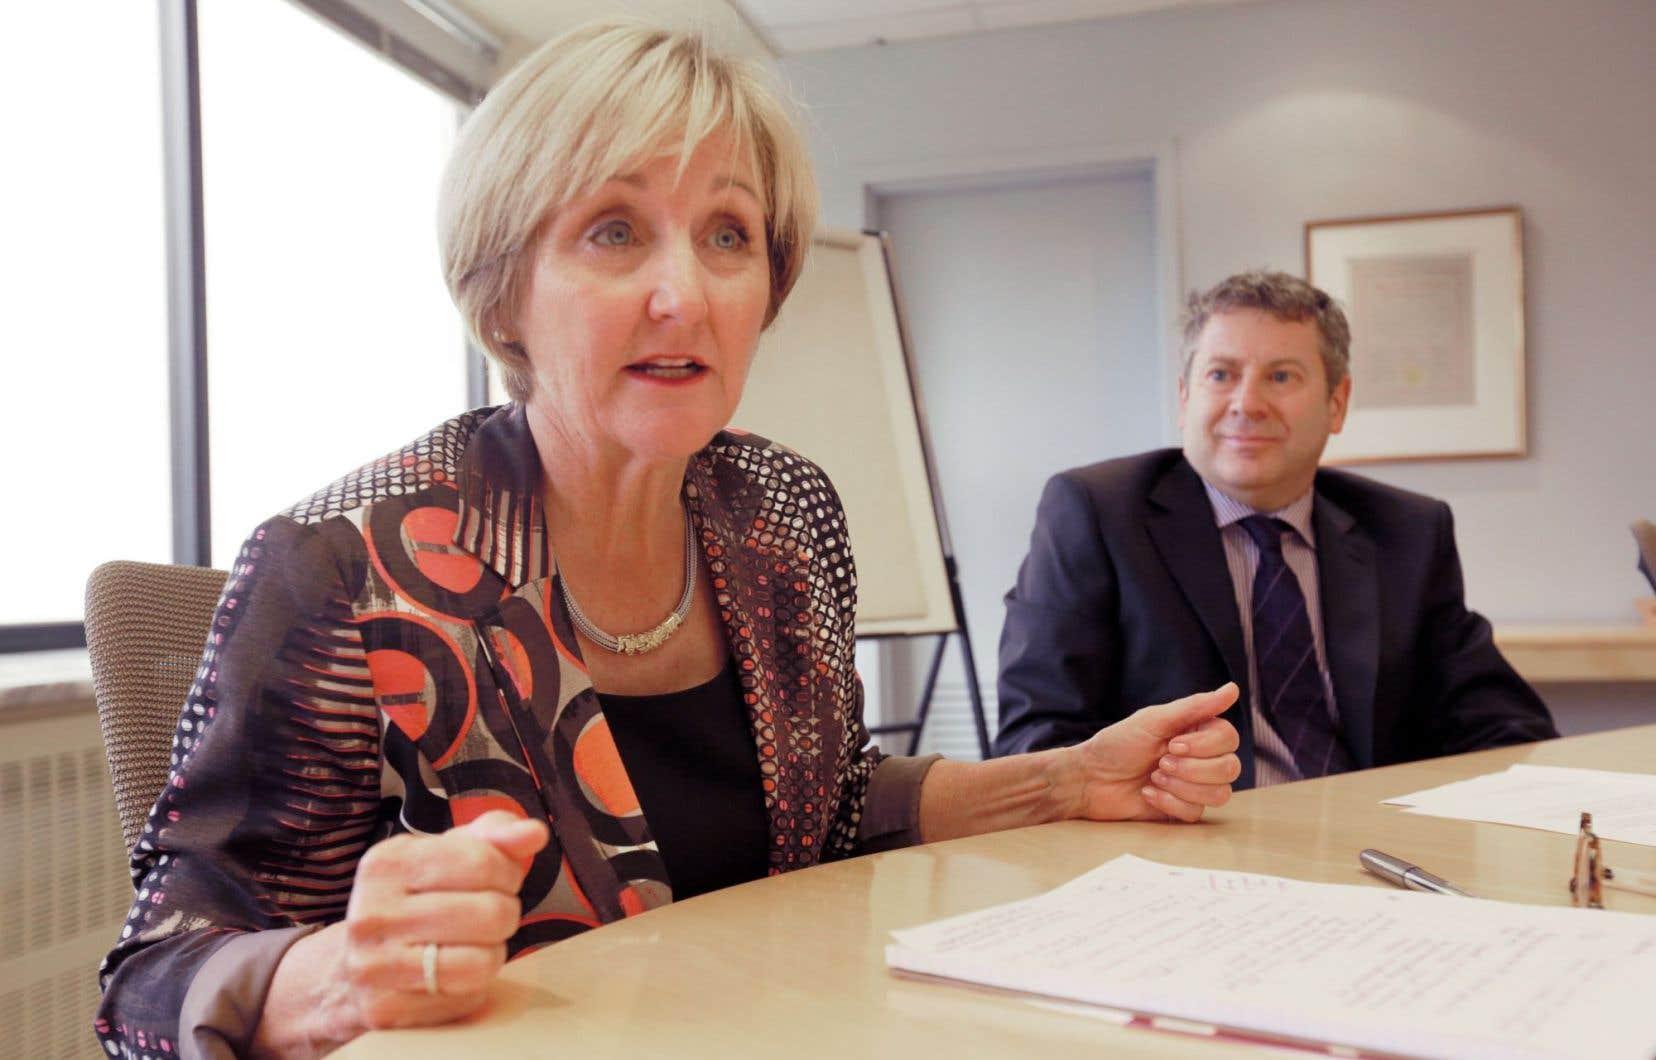 Diane Legault et Jean-François Thuot, respectivement présidente et directeur général du Conseil interprofessionnel du Québec.